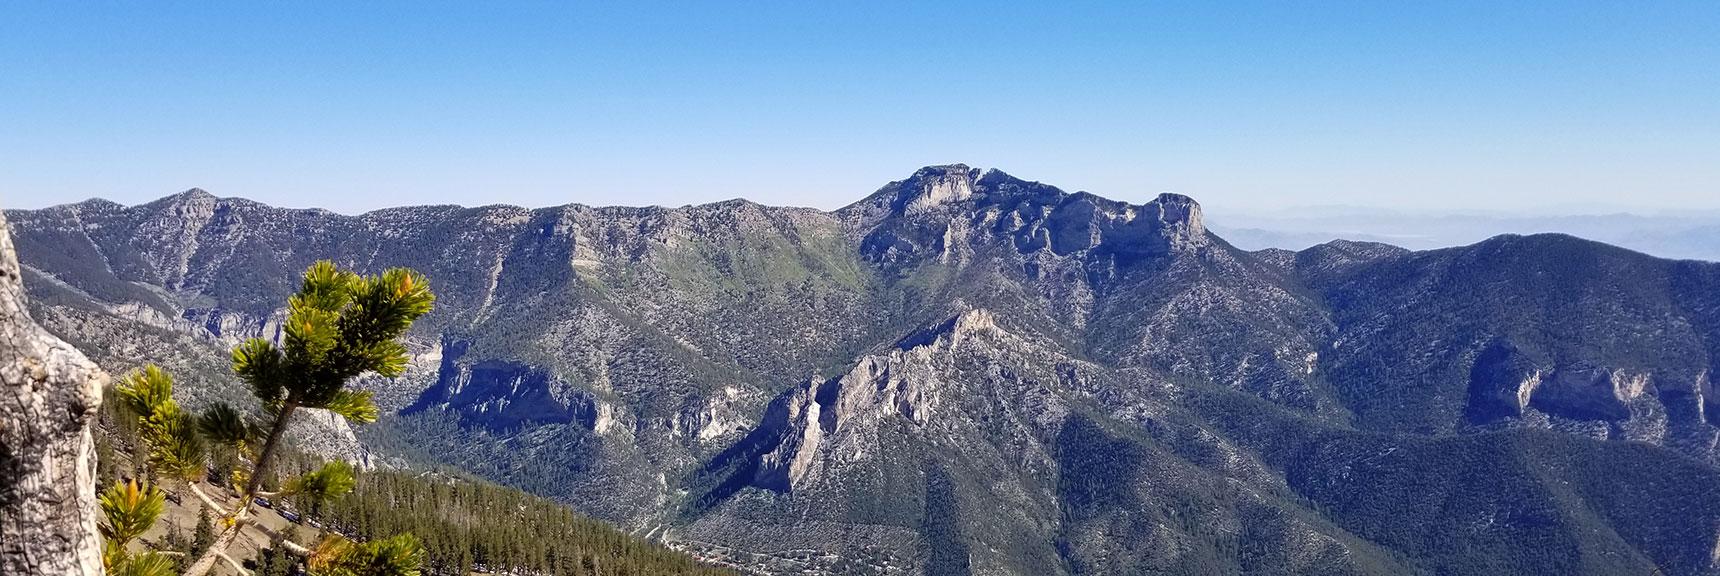 Mummy Mountain and Fletcher Peak from Griffith Peak Summit, Nevada